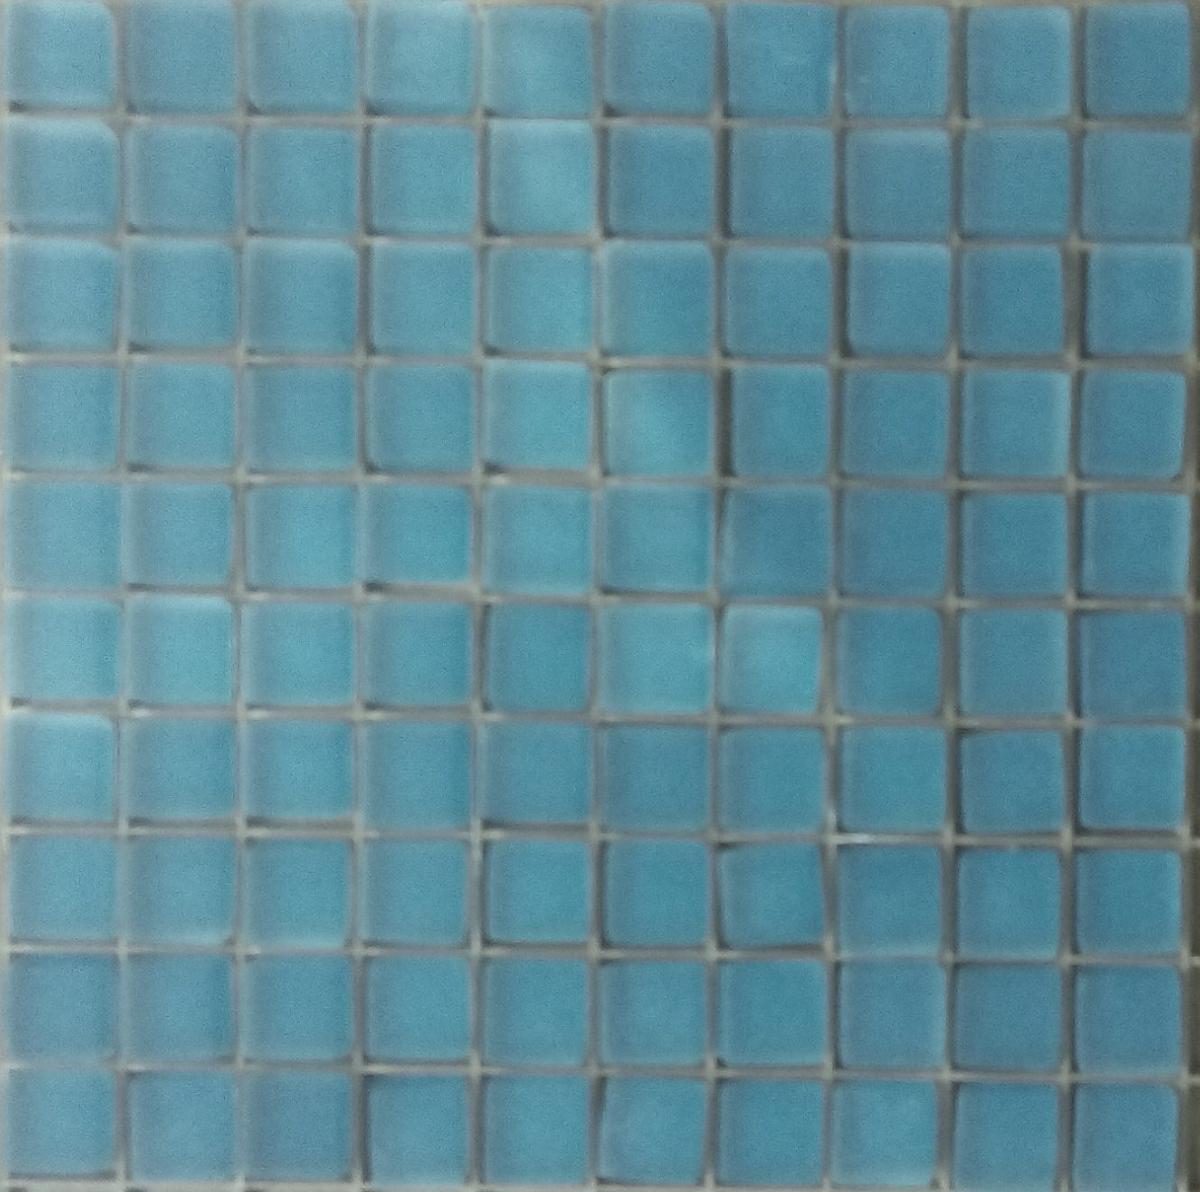 mosa que p te de verre couleur bleu cyan fonc mat plaque vente de mosa que salle de bain. Black Bedroom Furniture Sets. Home Design Ideas